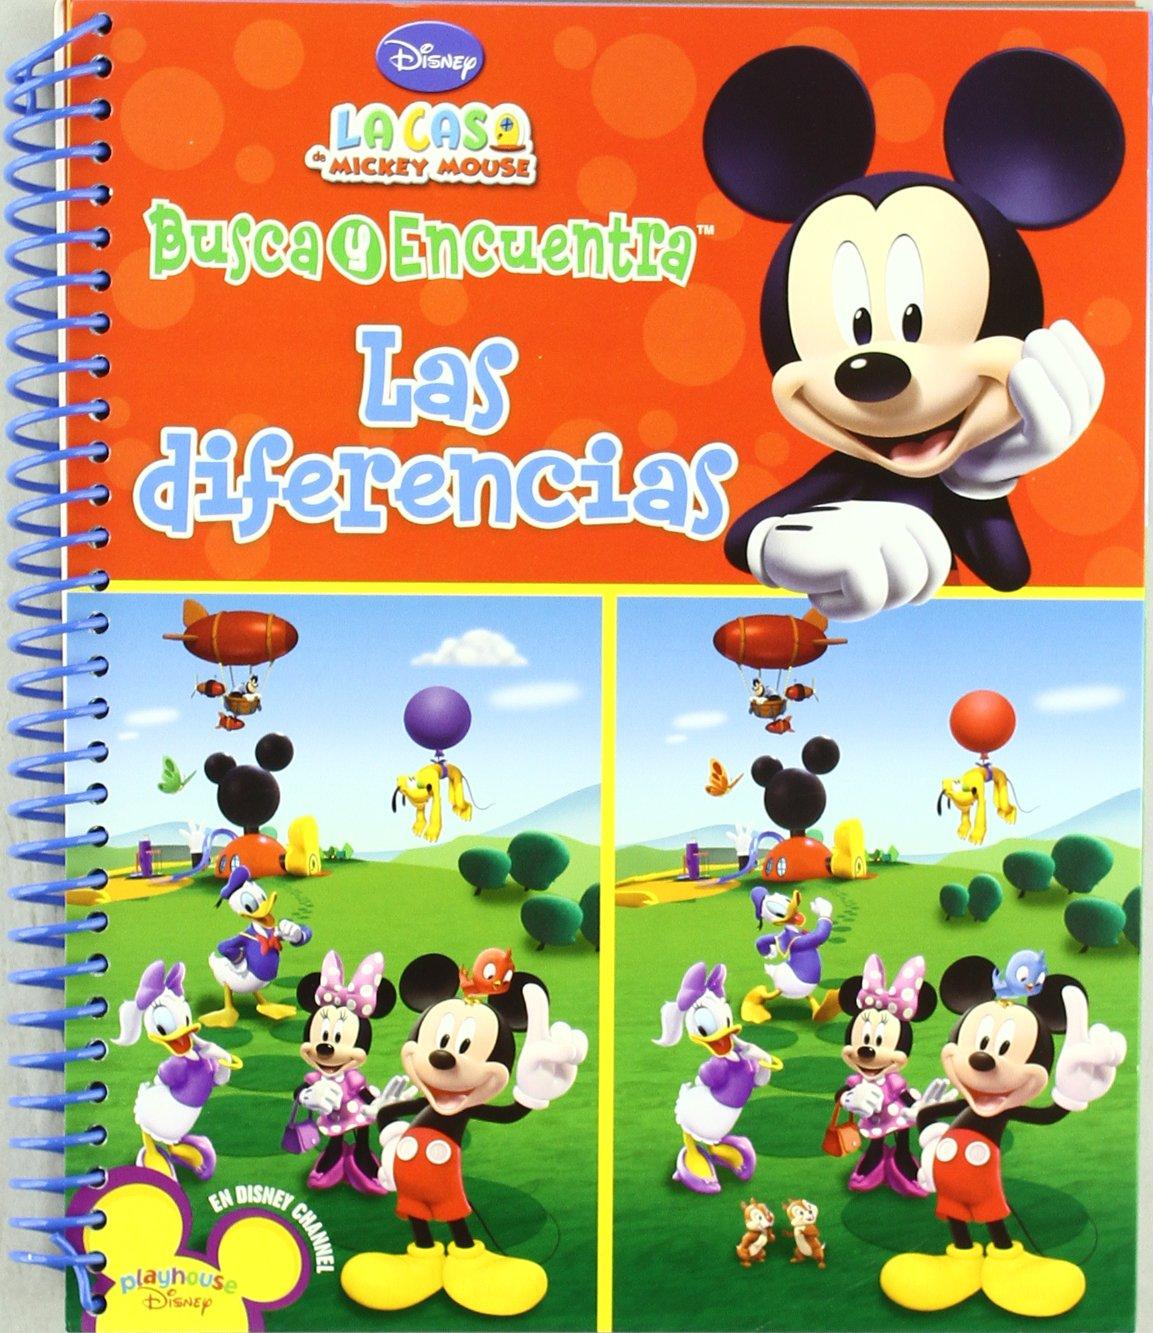 BUSCA Y ENCUENTRA LAS DIFERENCIAS - LA CASA DE MICKEY MOUSE (Spanish Edition) ebook